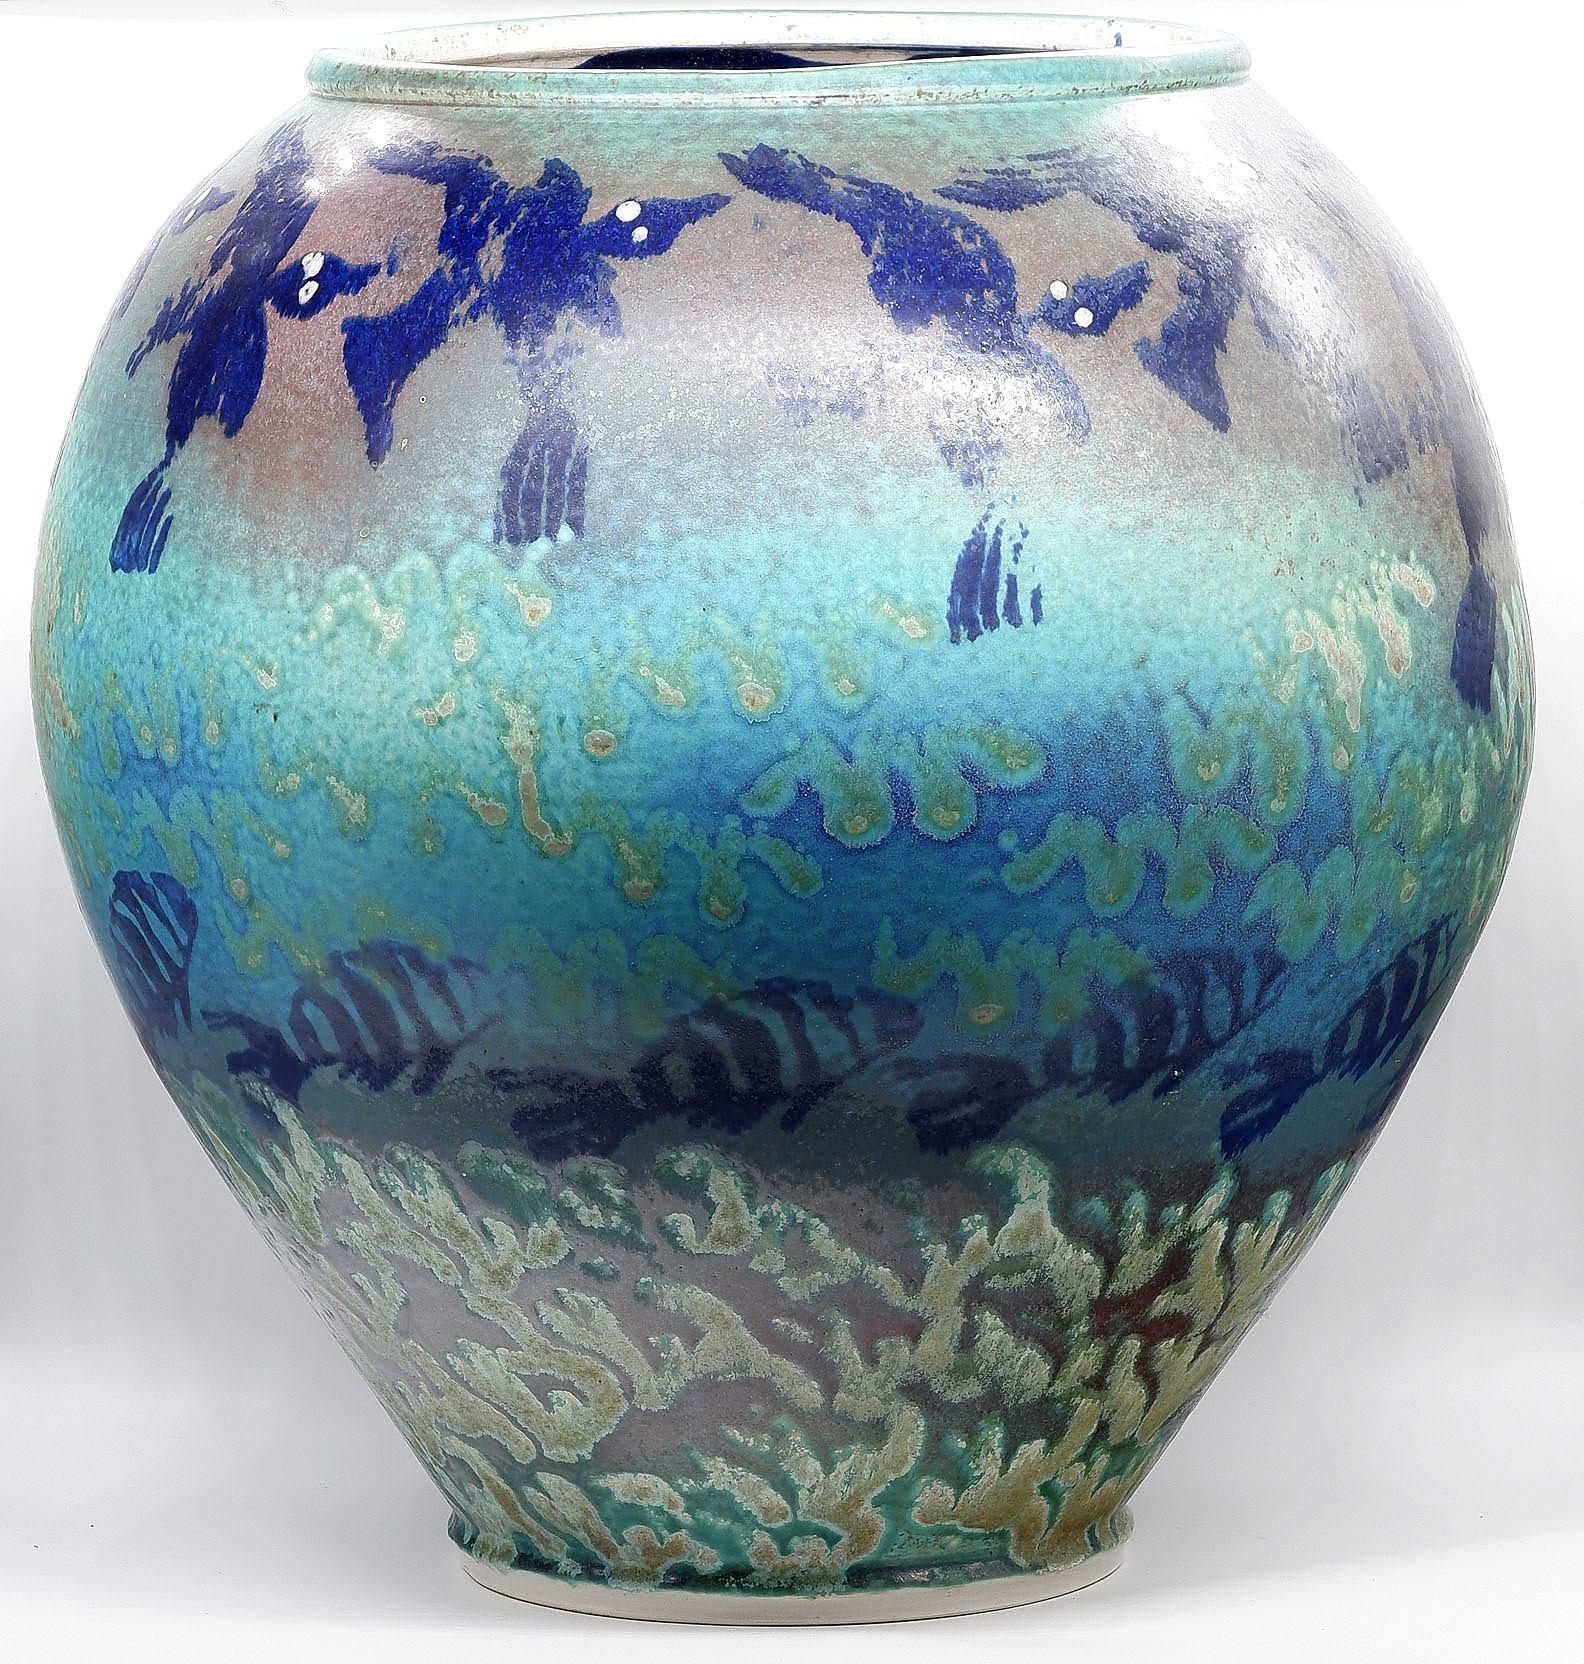 'Large Glazed Stoneware Urn'